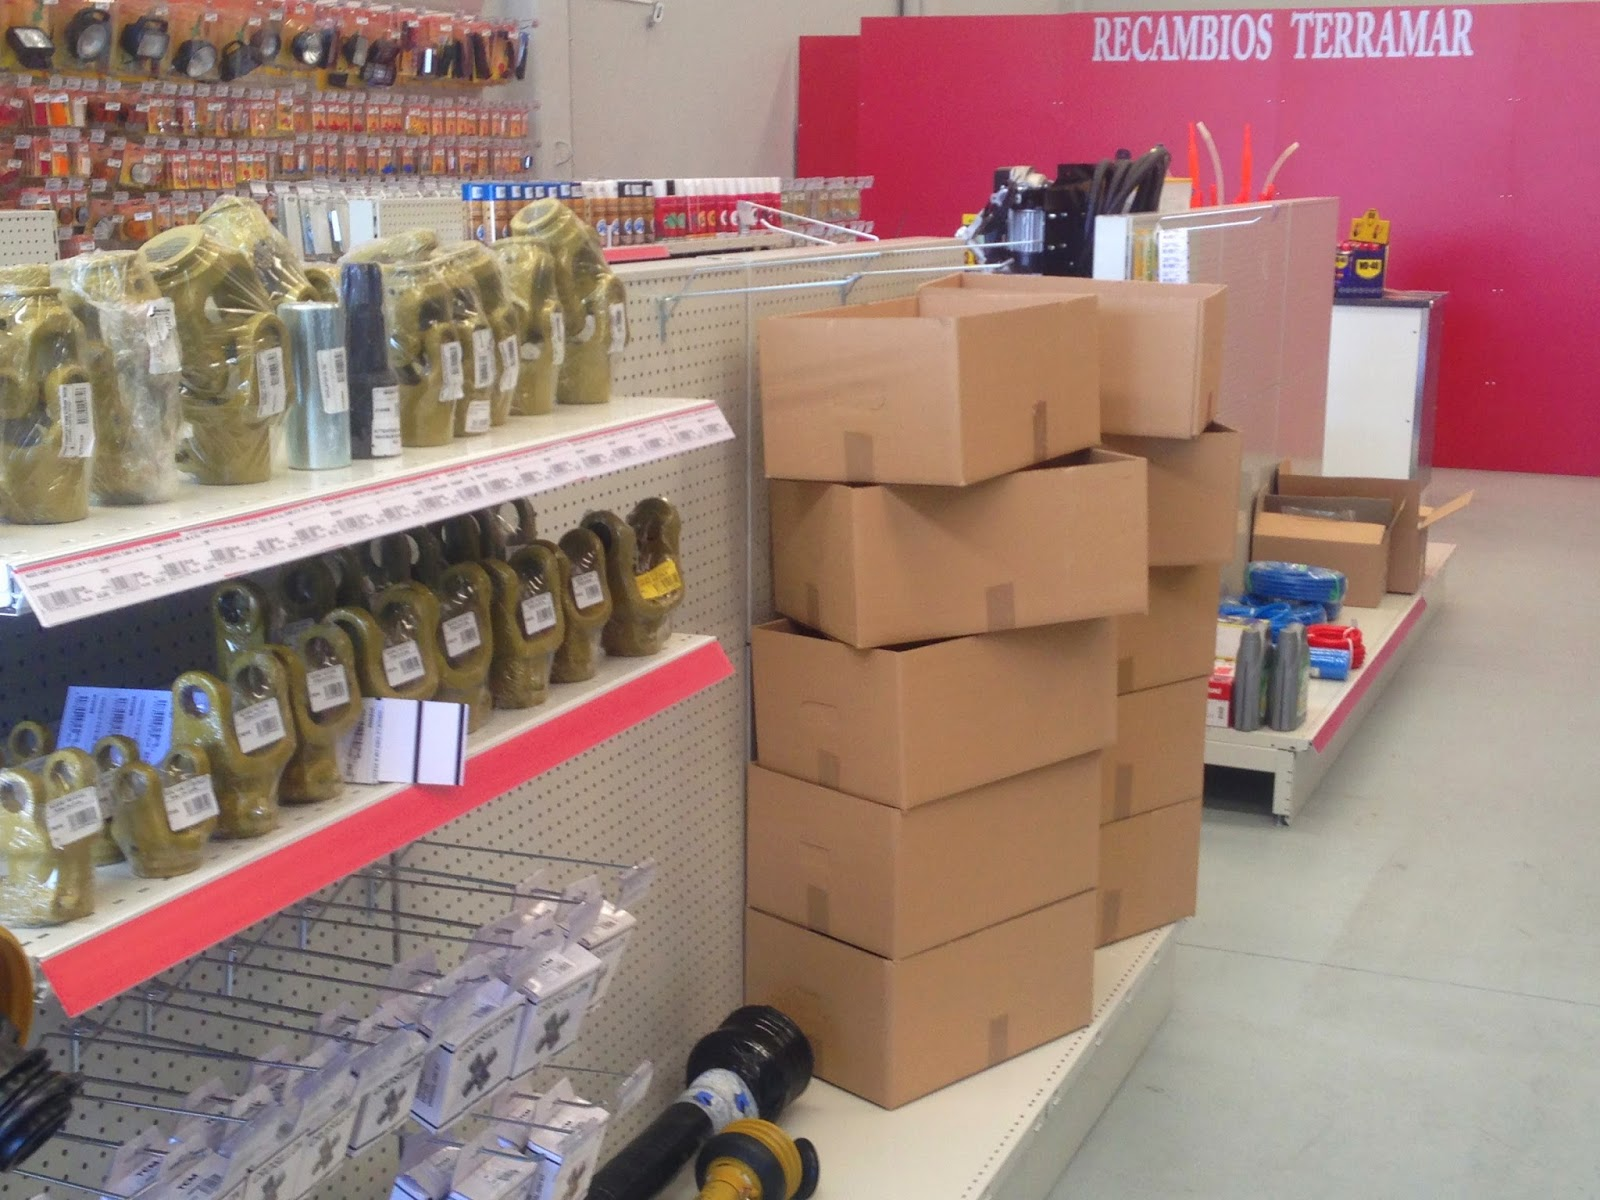 envases industriales de cartón ondulado en una tienda de recambios agricolas